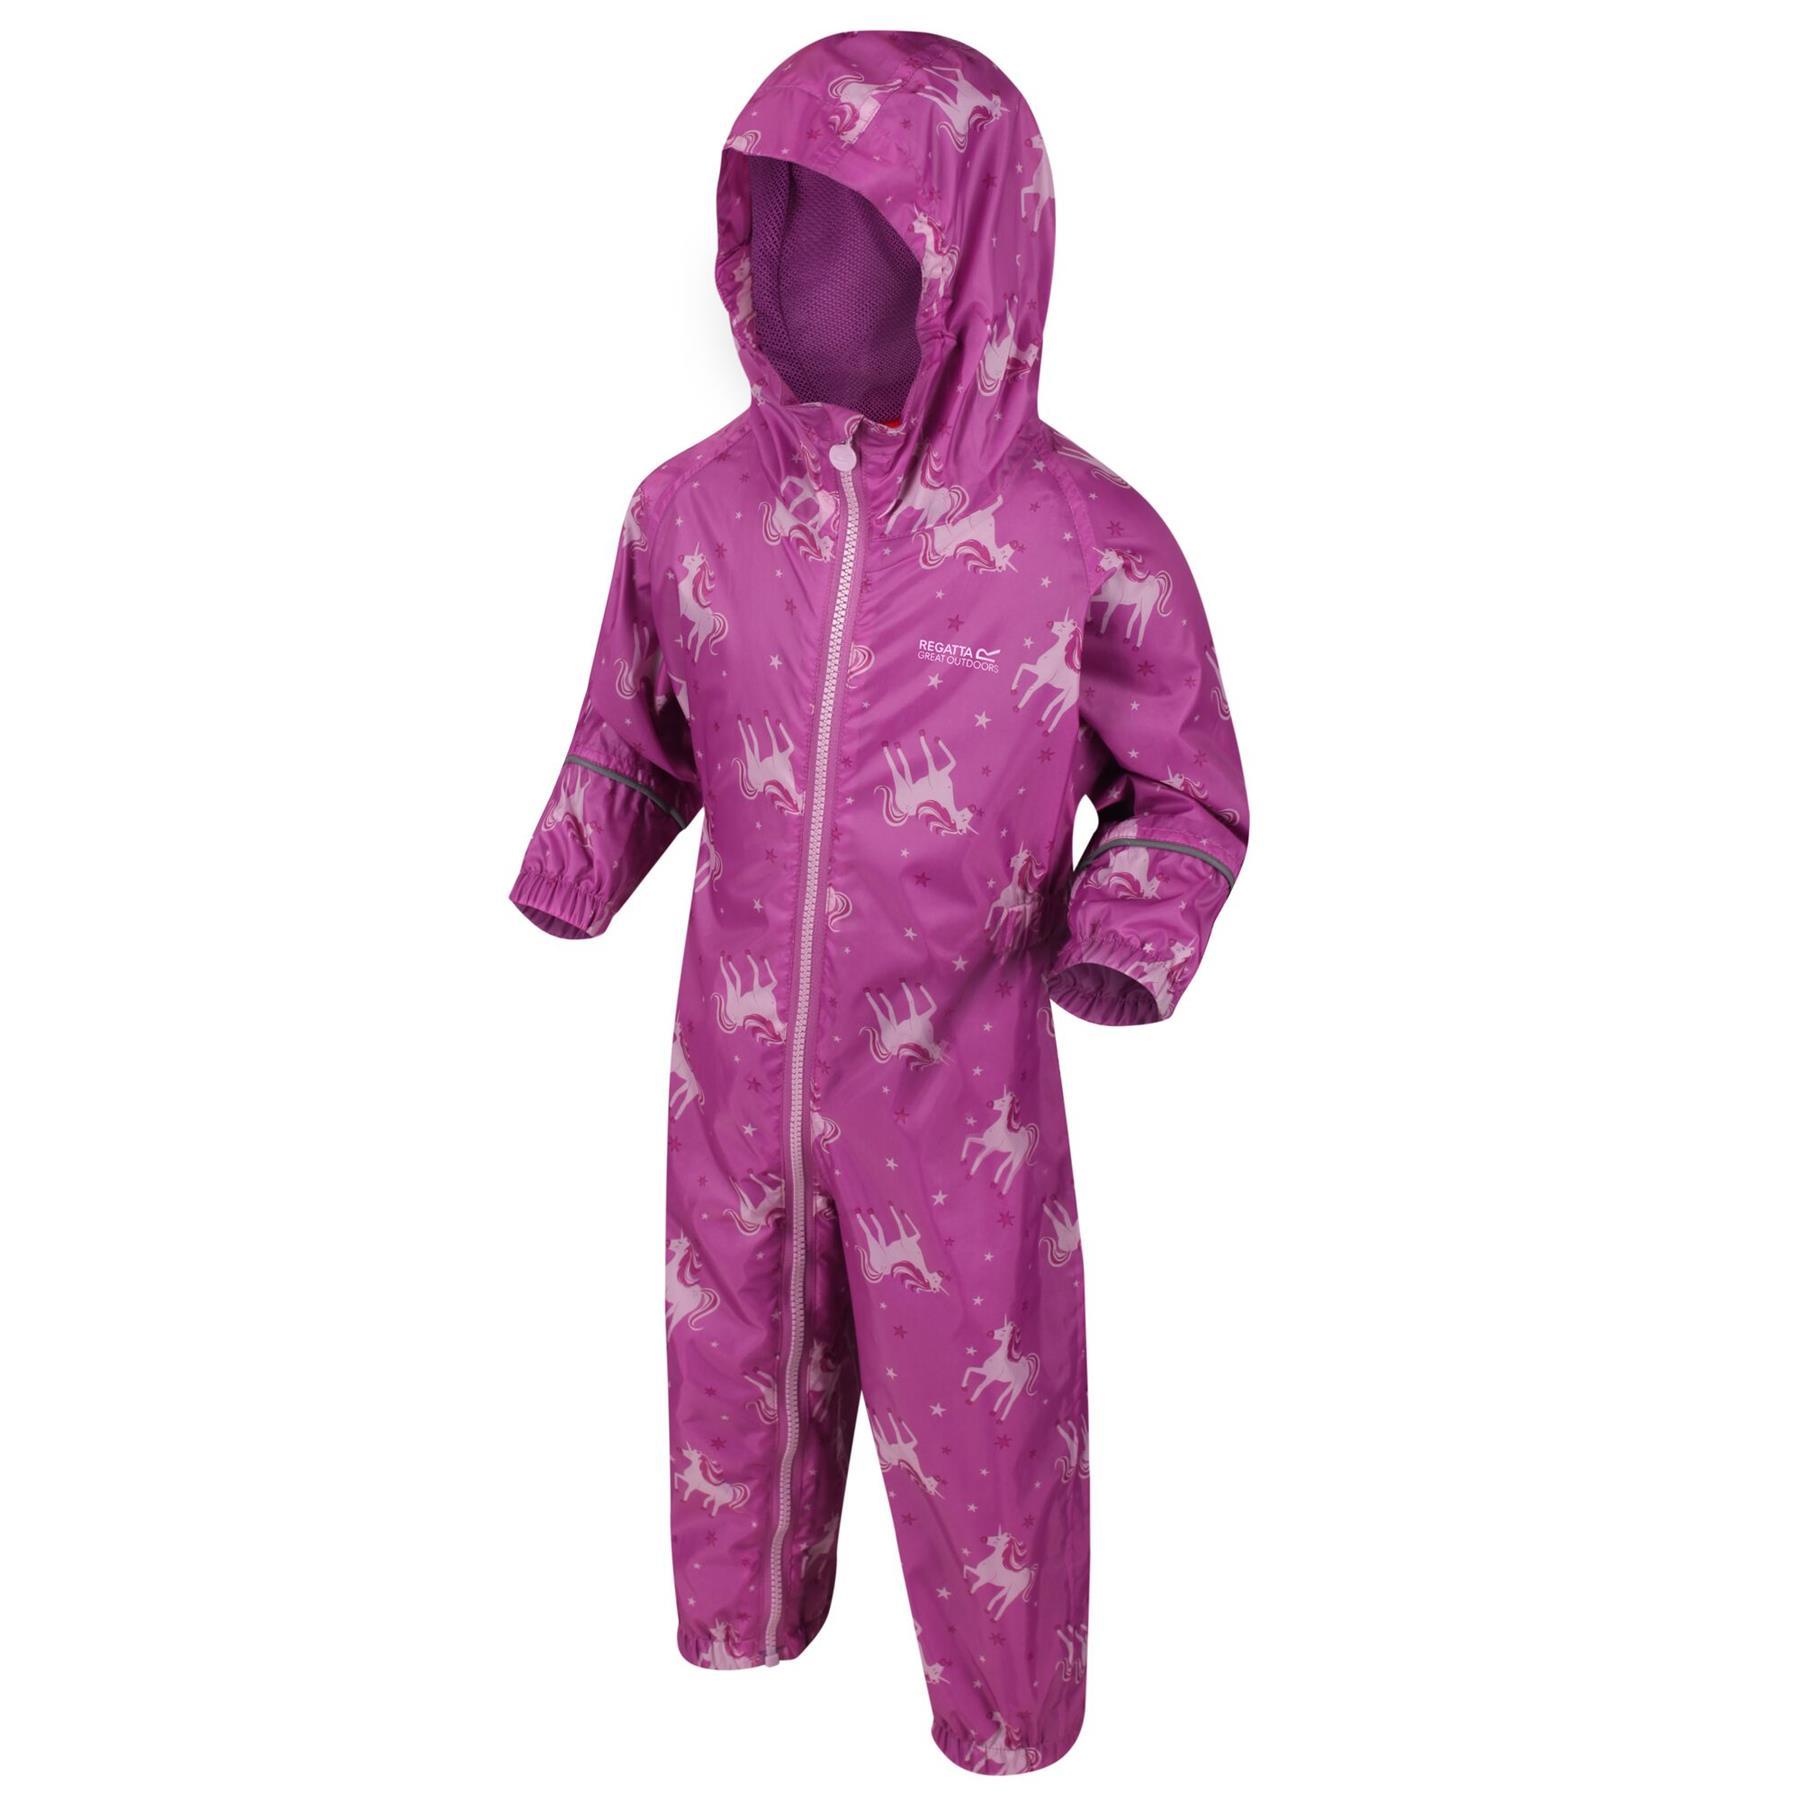 miniatuur 26 - Regatta Pobble Rain suit Waterproof All In One Childrens Kids Boys Girls